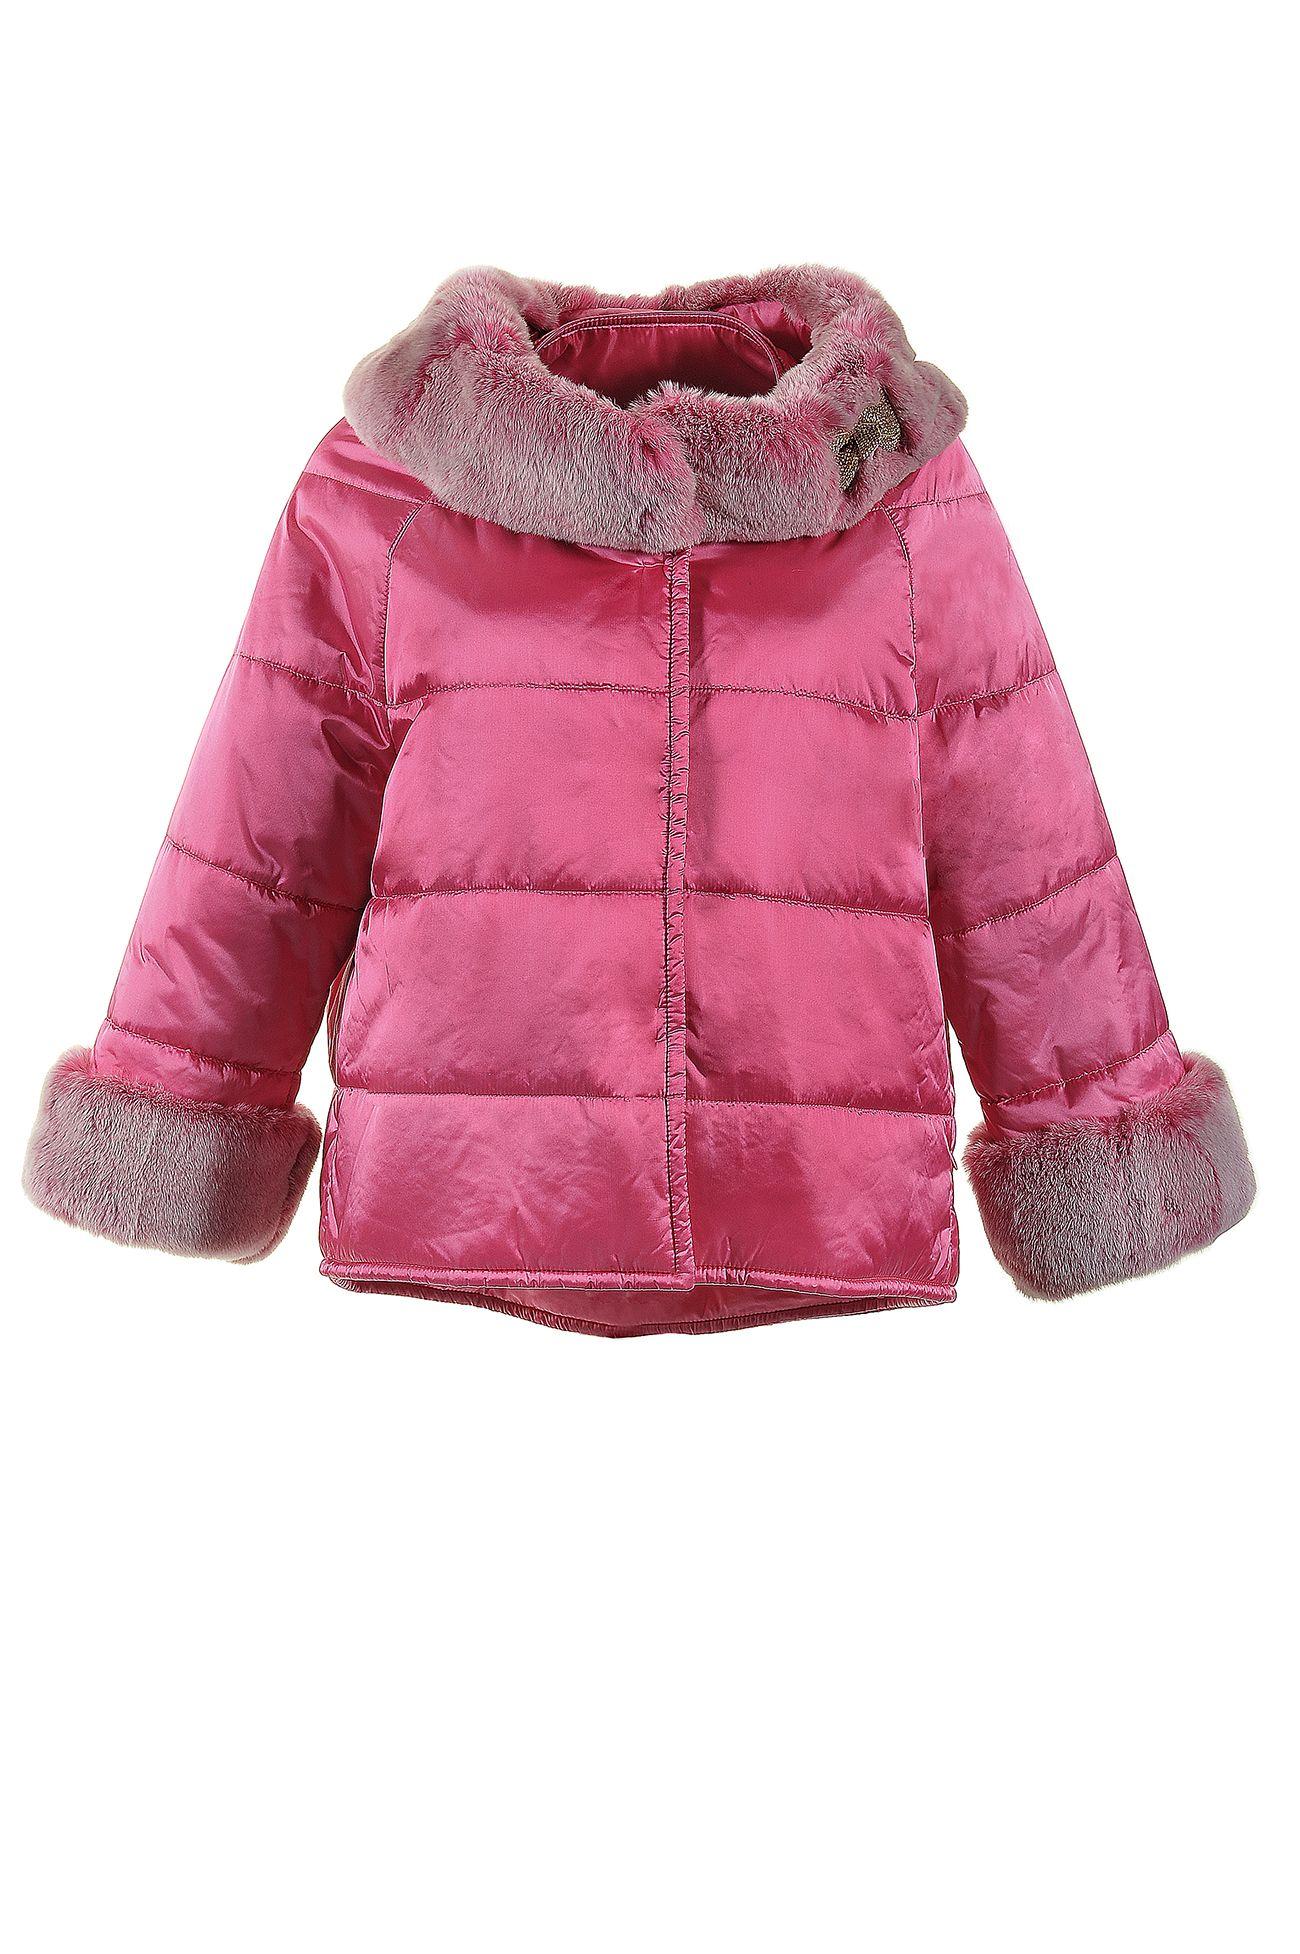 buy online c5002 5ea01 Piumini leggeri: i nuovi modelli per un autunno caldo e colorato